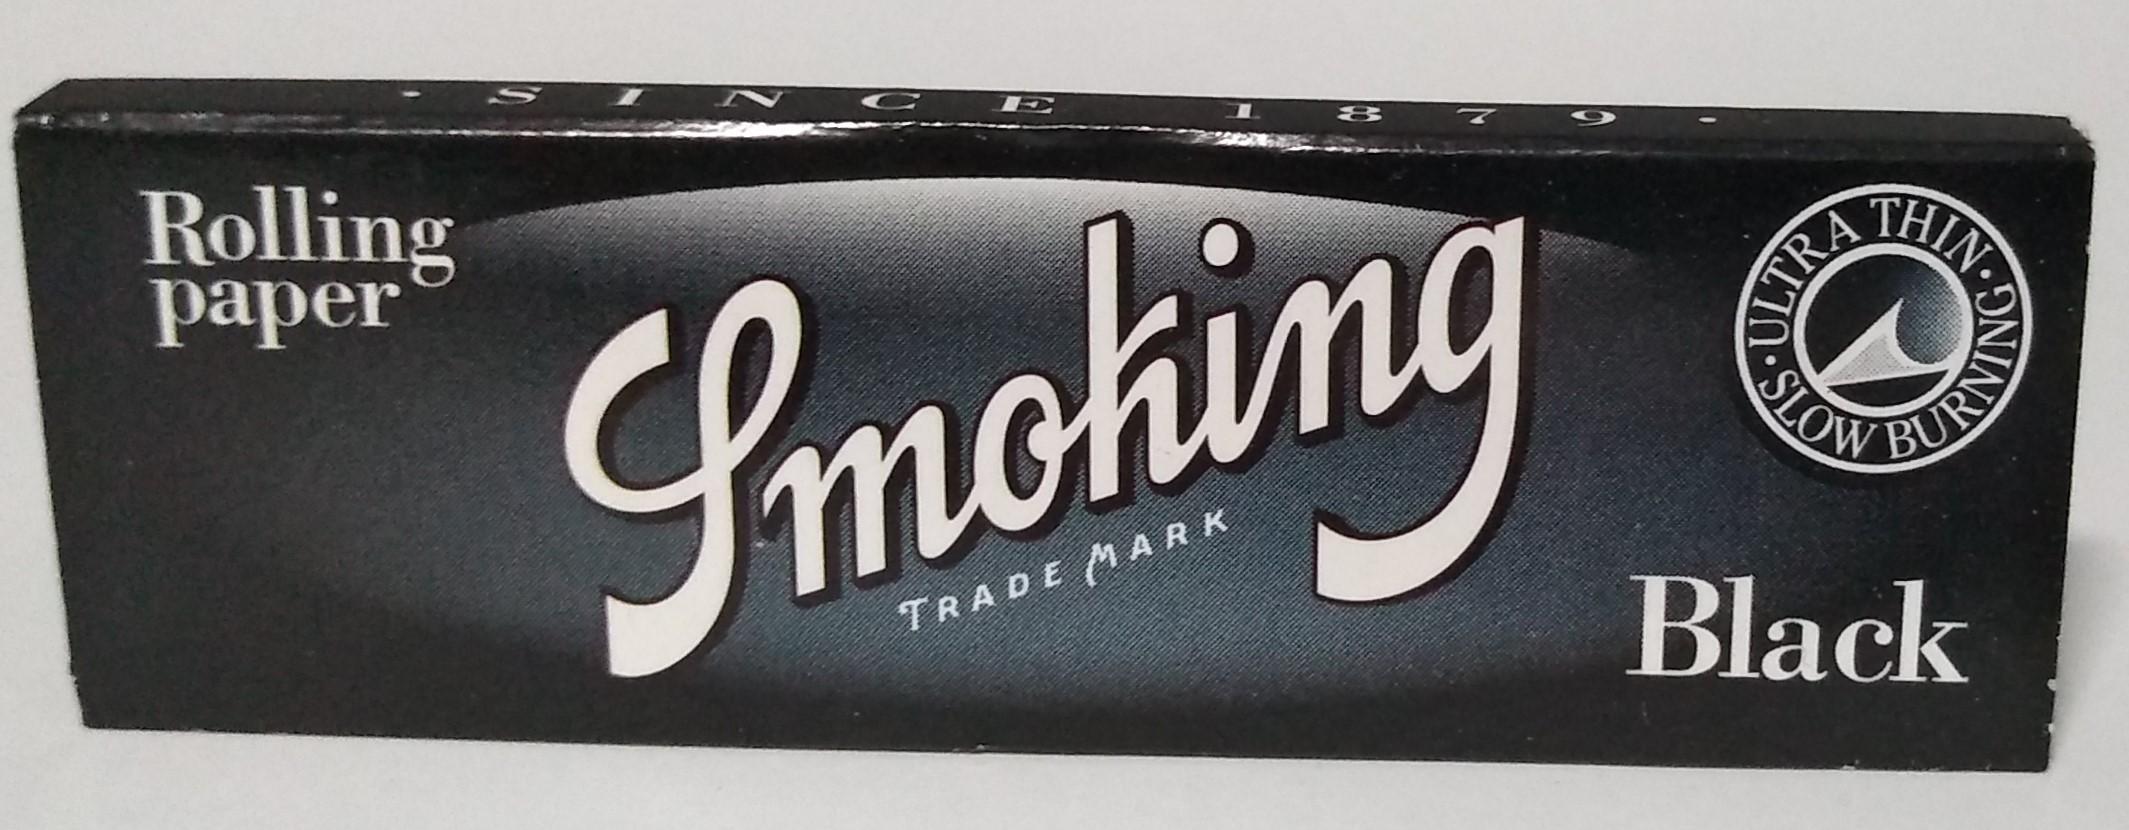 Papel Smoking Black 1.1/4